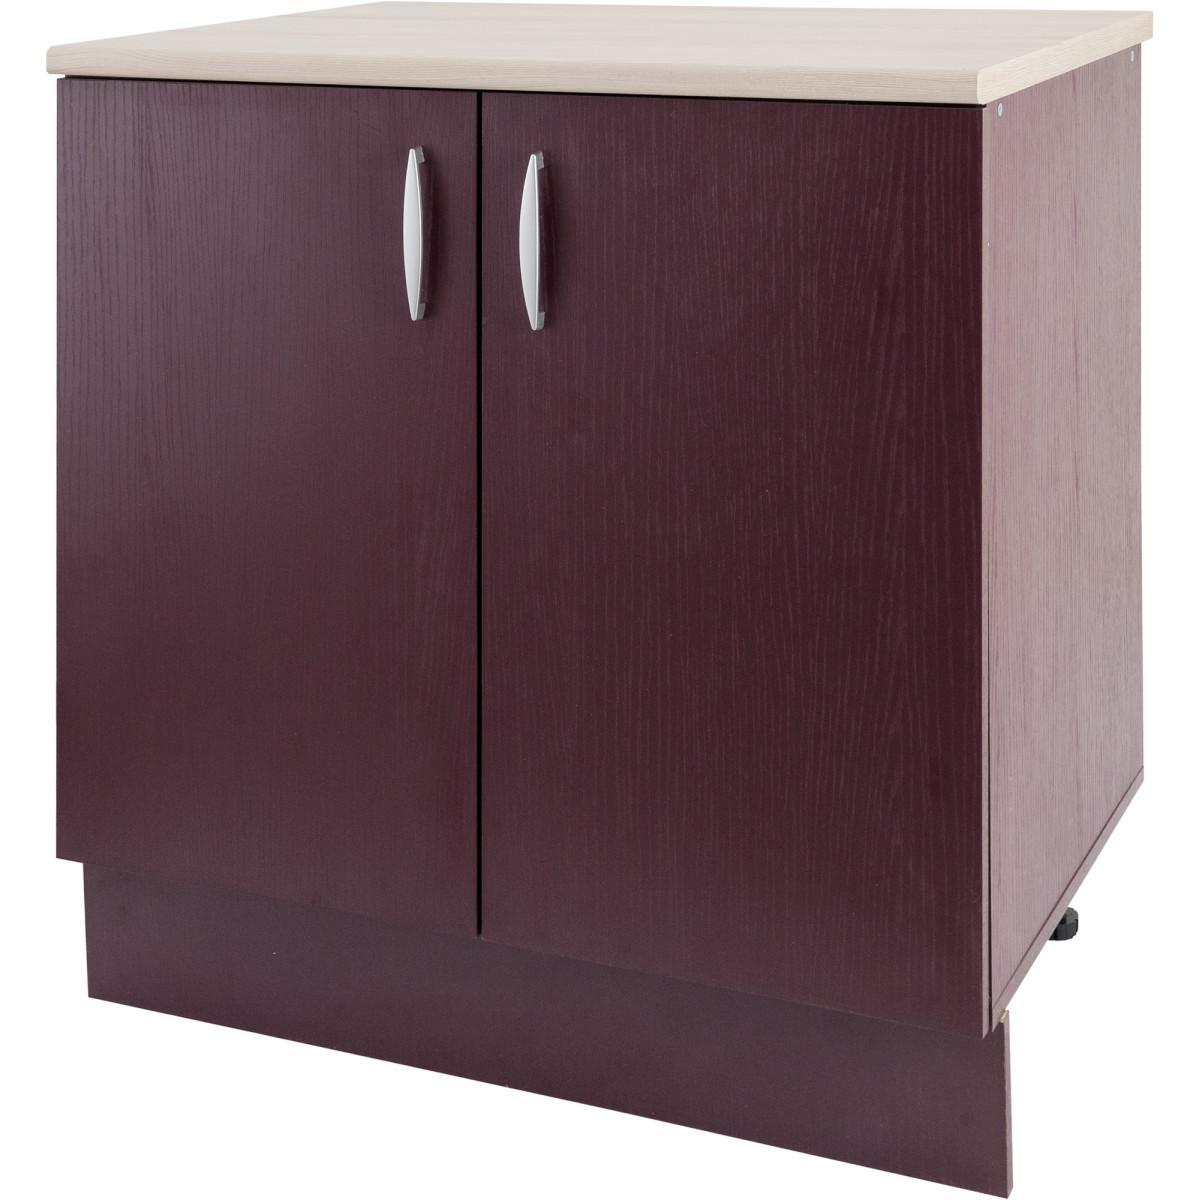 Шкаф напольный Бургун 80x85.2 см ЛДСП цвет бургун